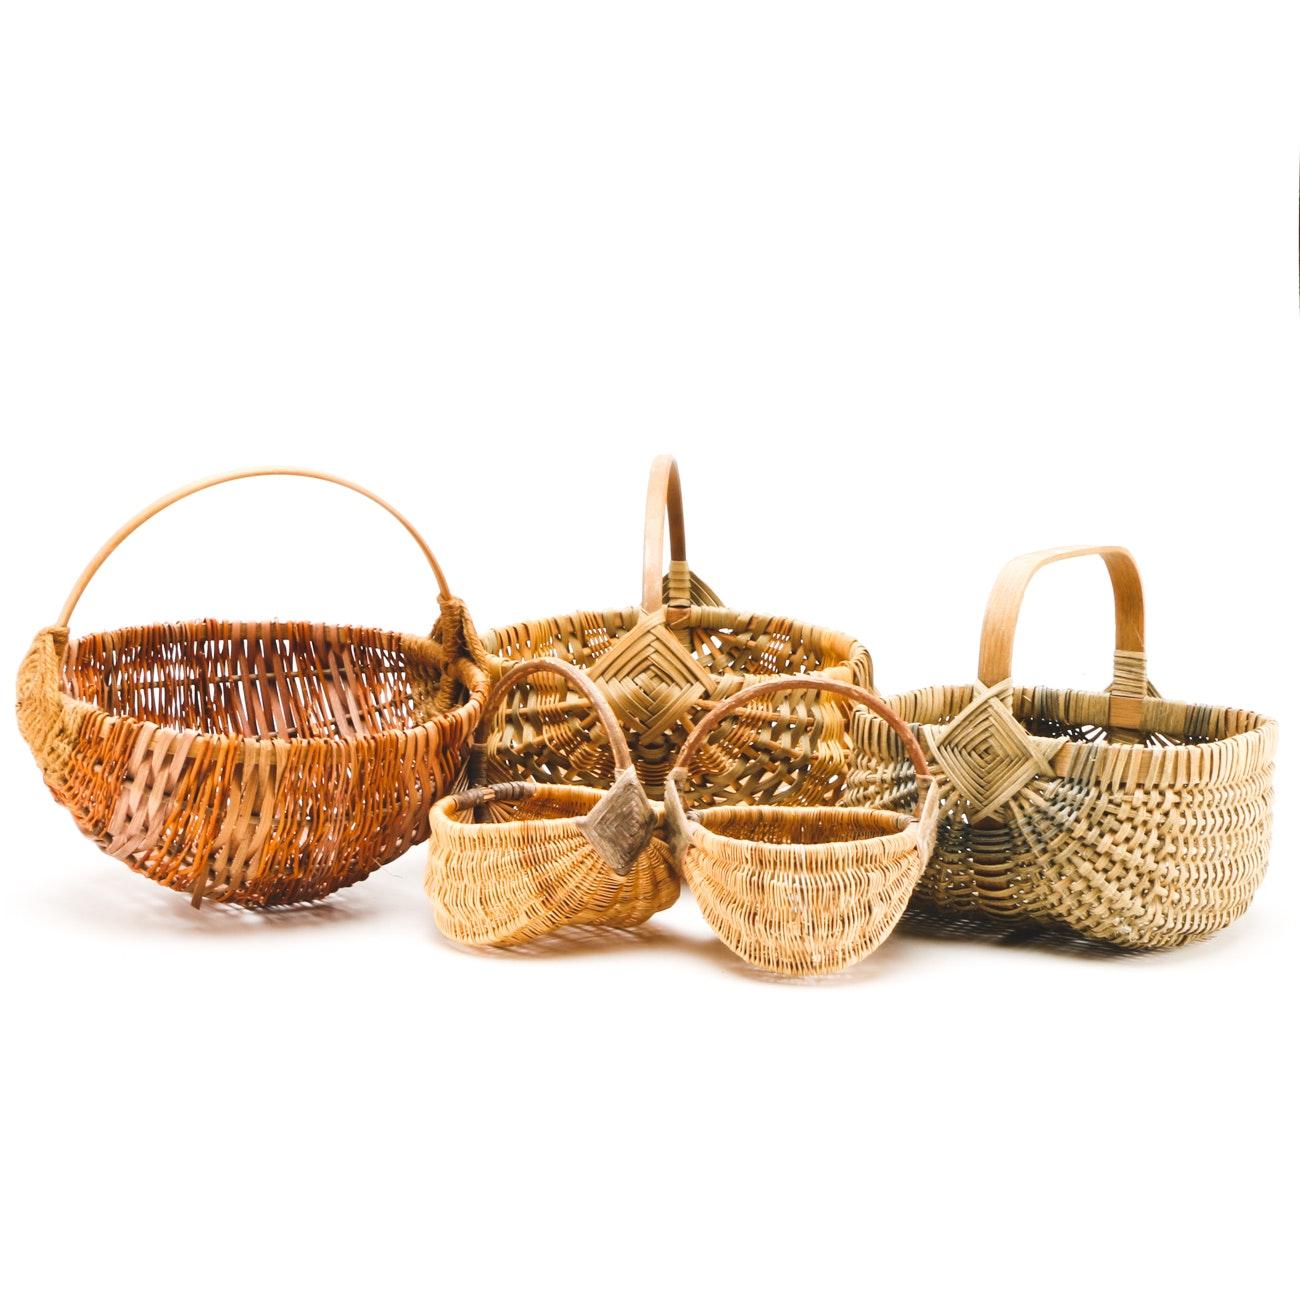 Woven Egg Baskets